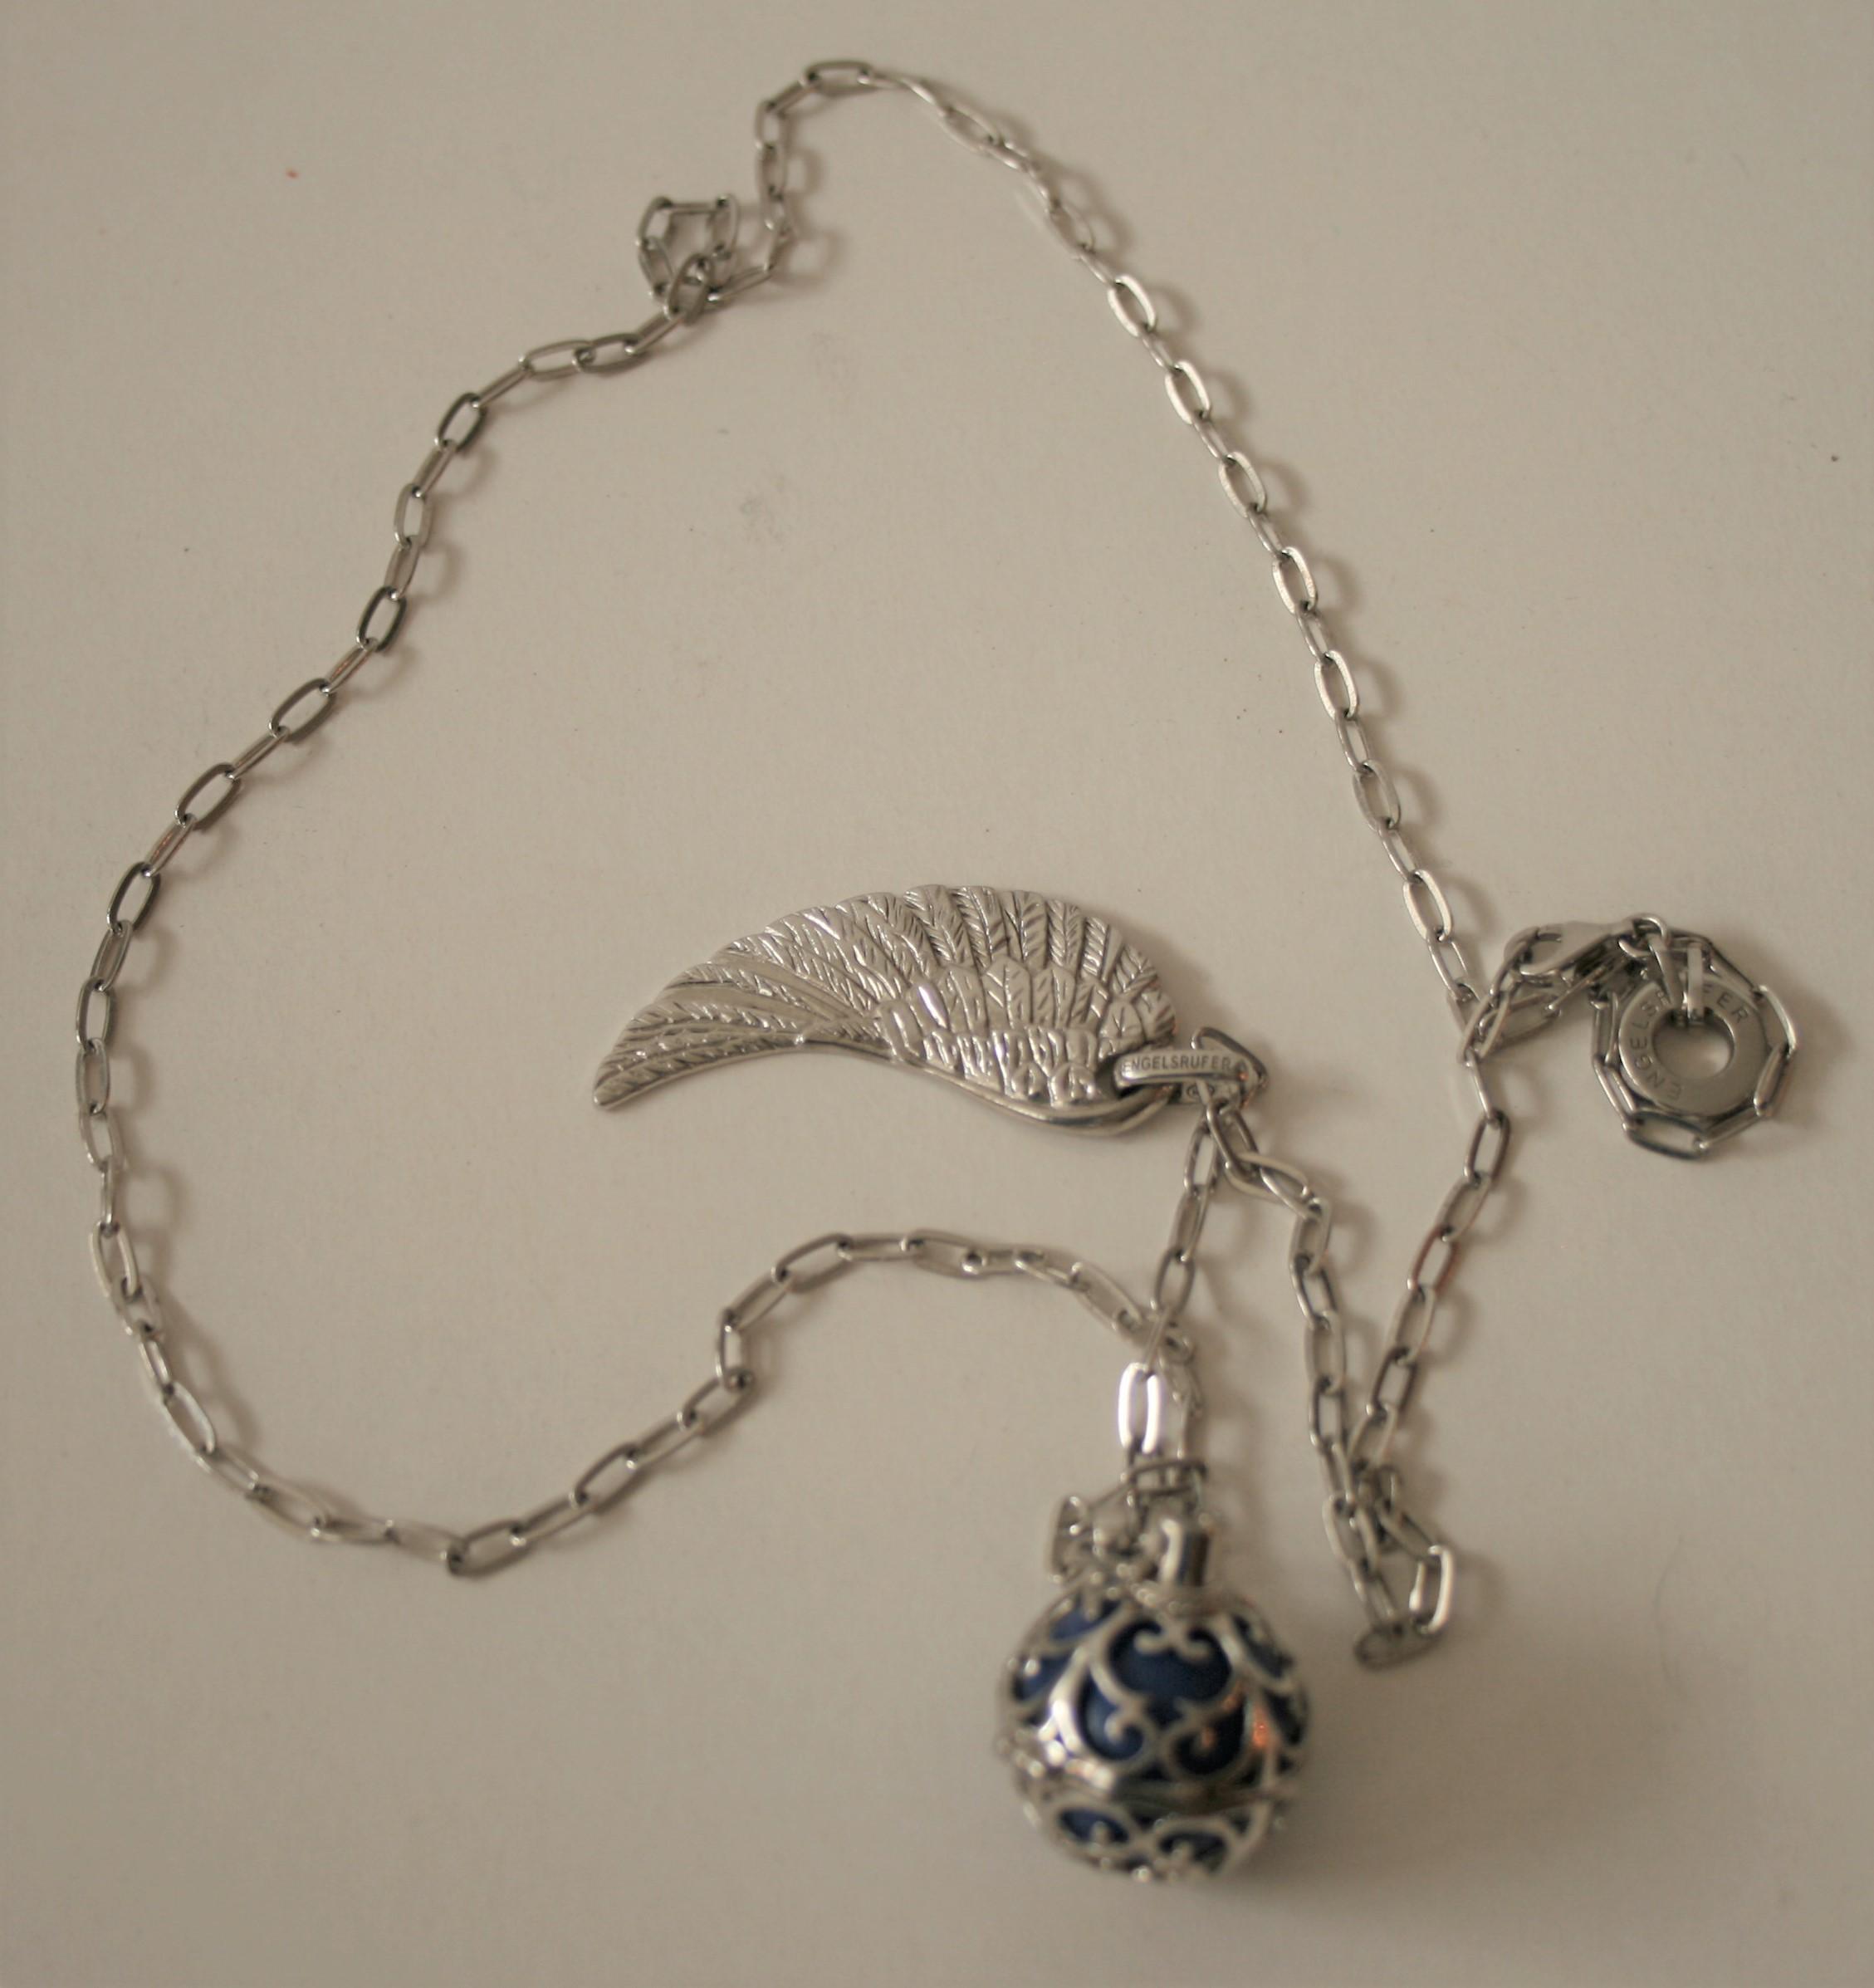 Collier en argent ENGELSRUFER avec aile d'oiseau et grelot dans une cage ajourée - [...]